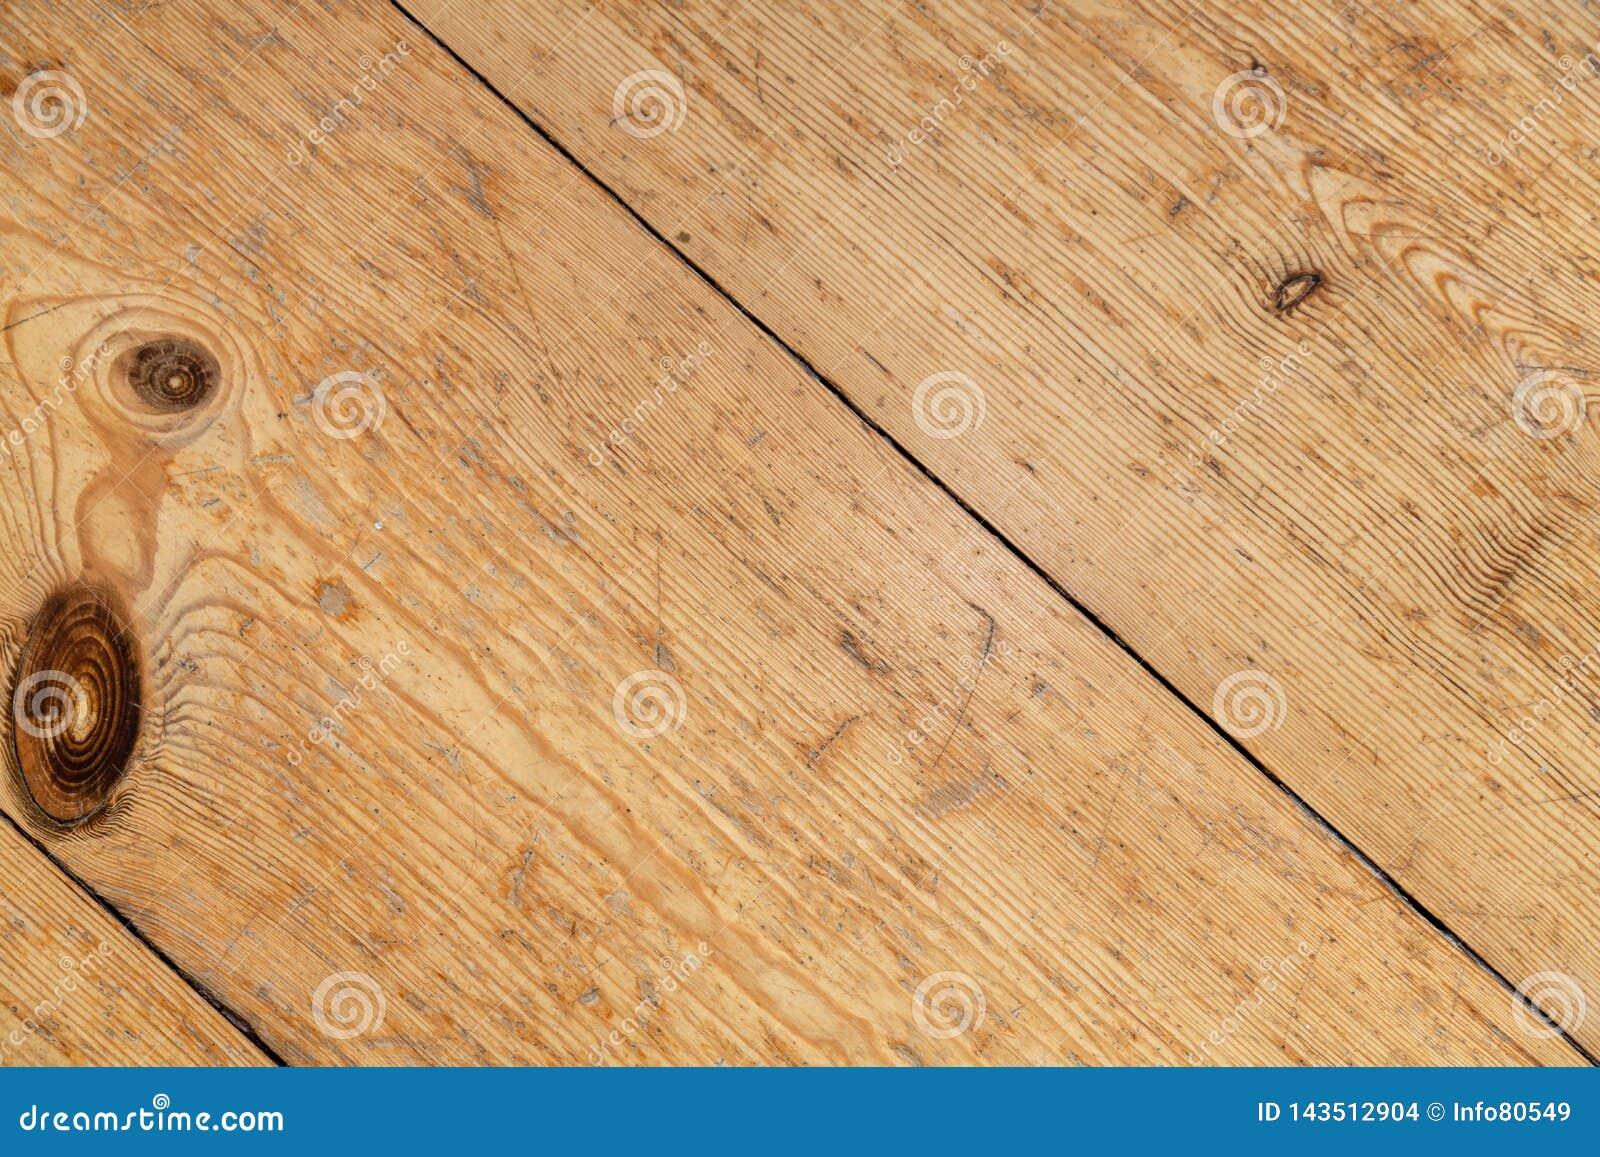 Fondo de madera de la textura de la superficie del piso del vestíbulo